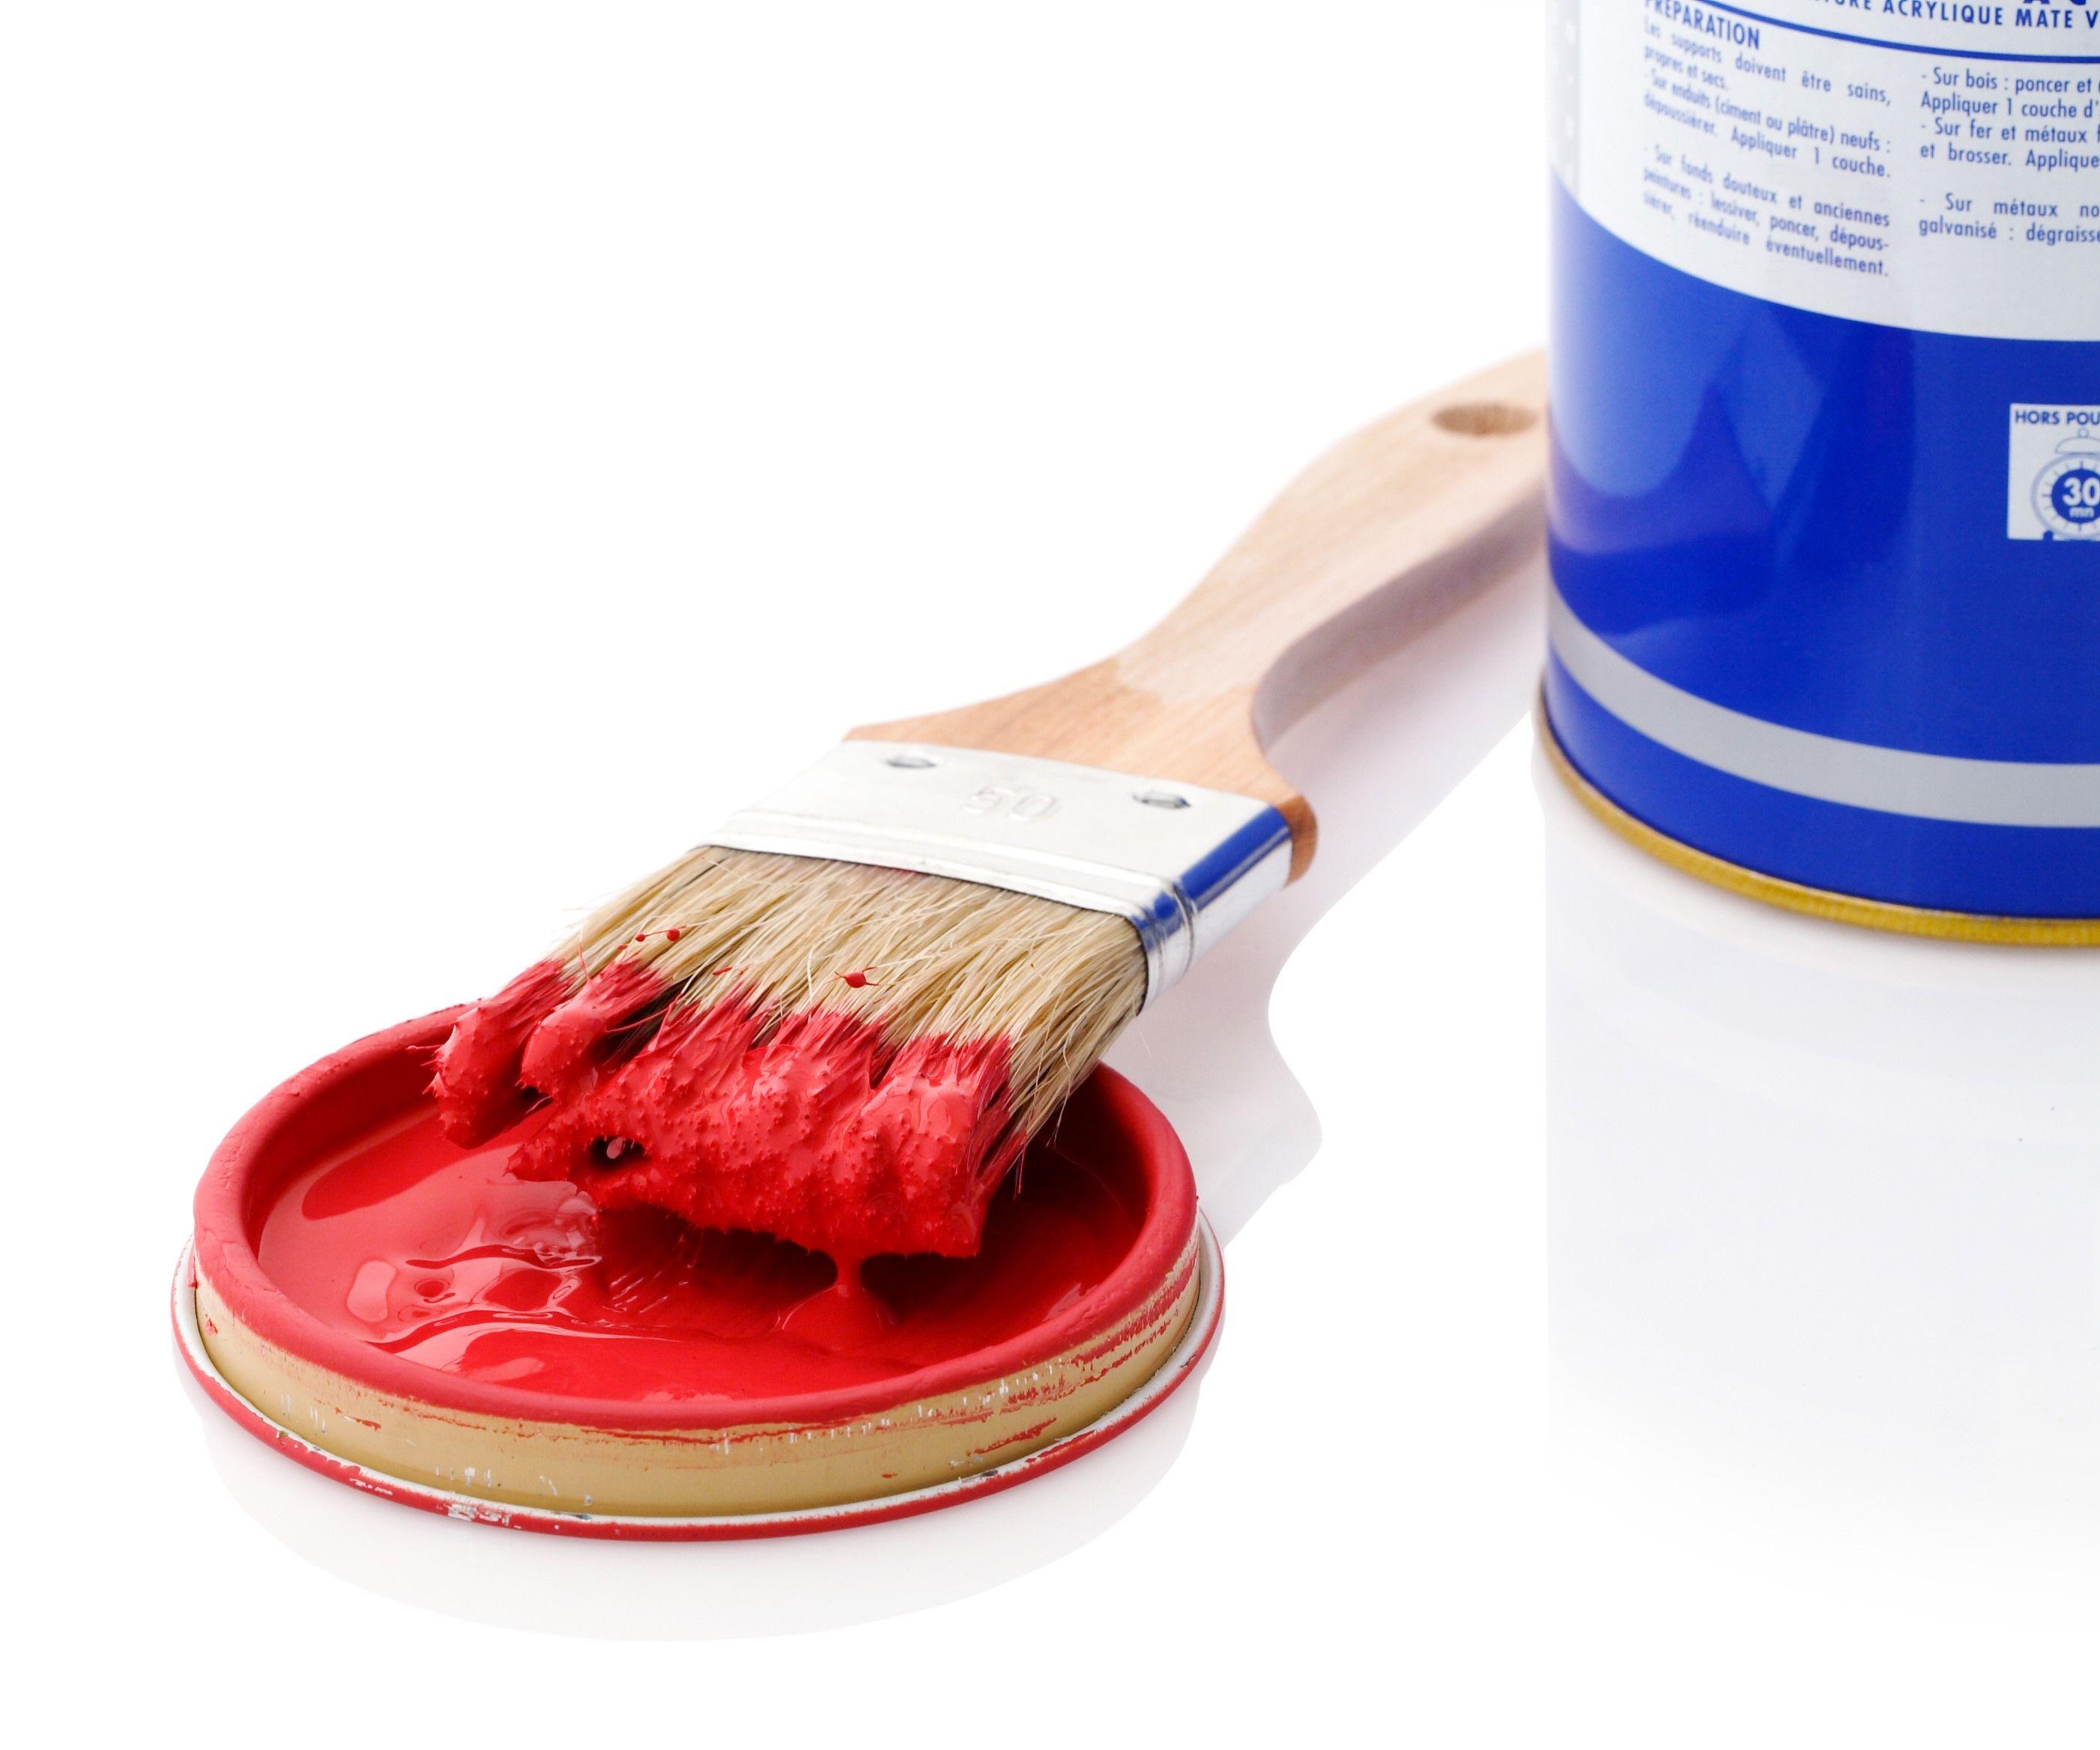 comment enlever une tache de peinture acrylique sur du tissu m6 astuces tache tache. Black Bedroom Furniture Sets. Home Design Ideas